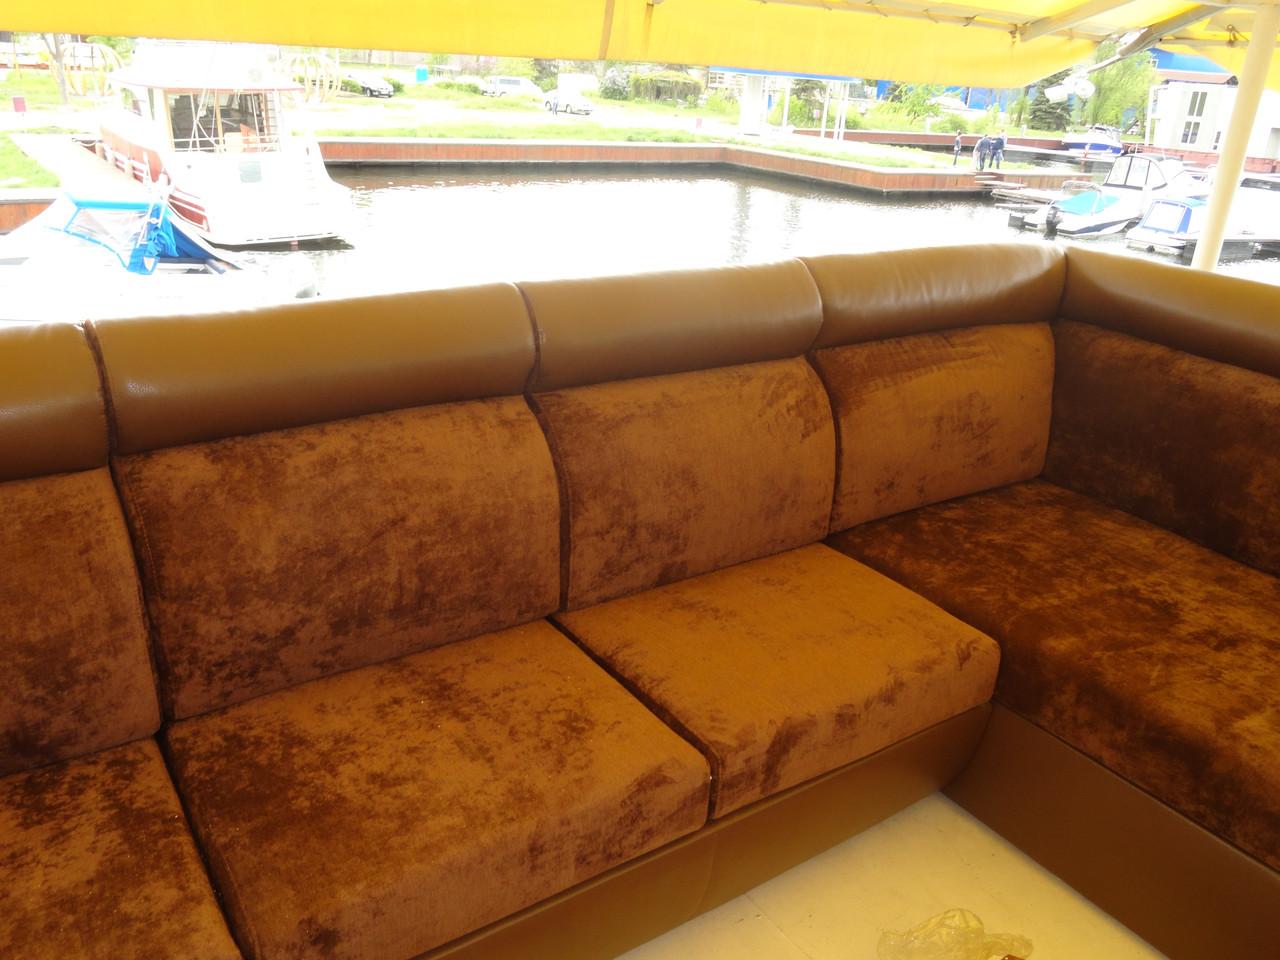 Перетяжка массивного углового дивана. Перетяжка мягкой мебели Днепр.